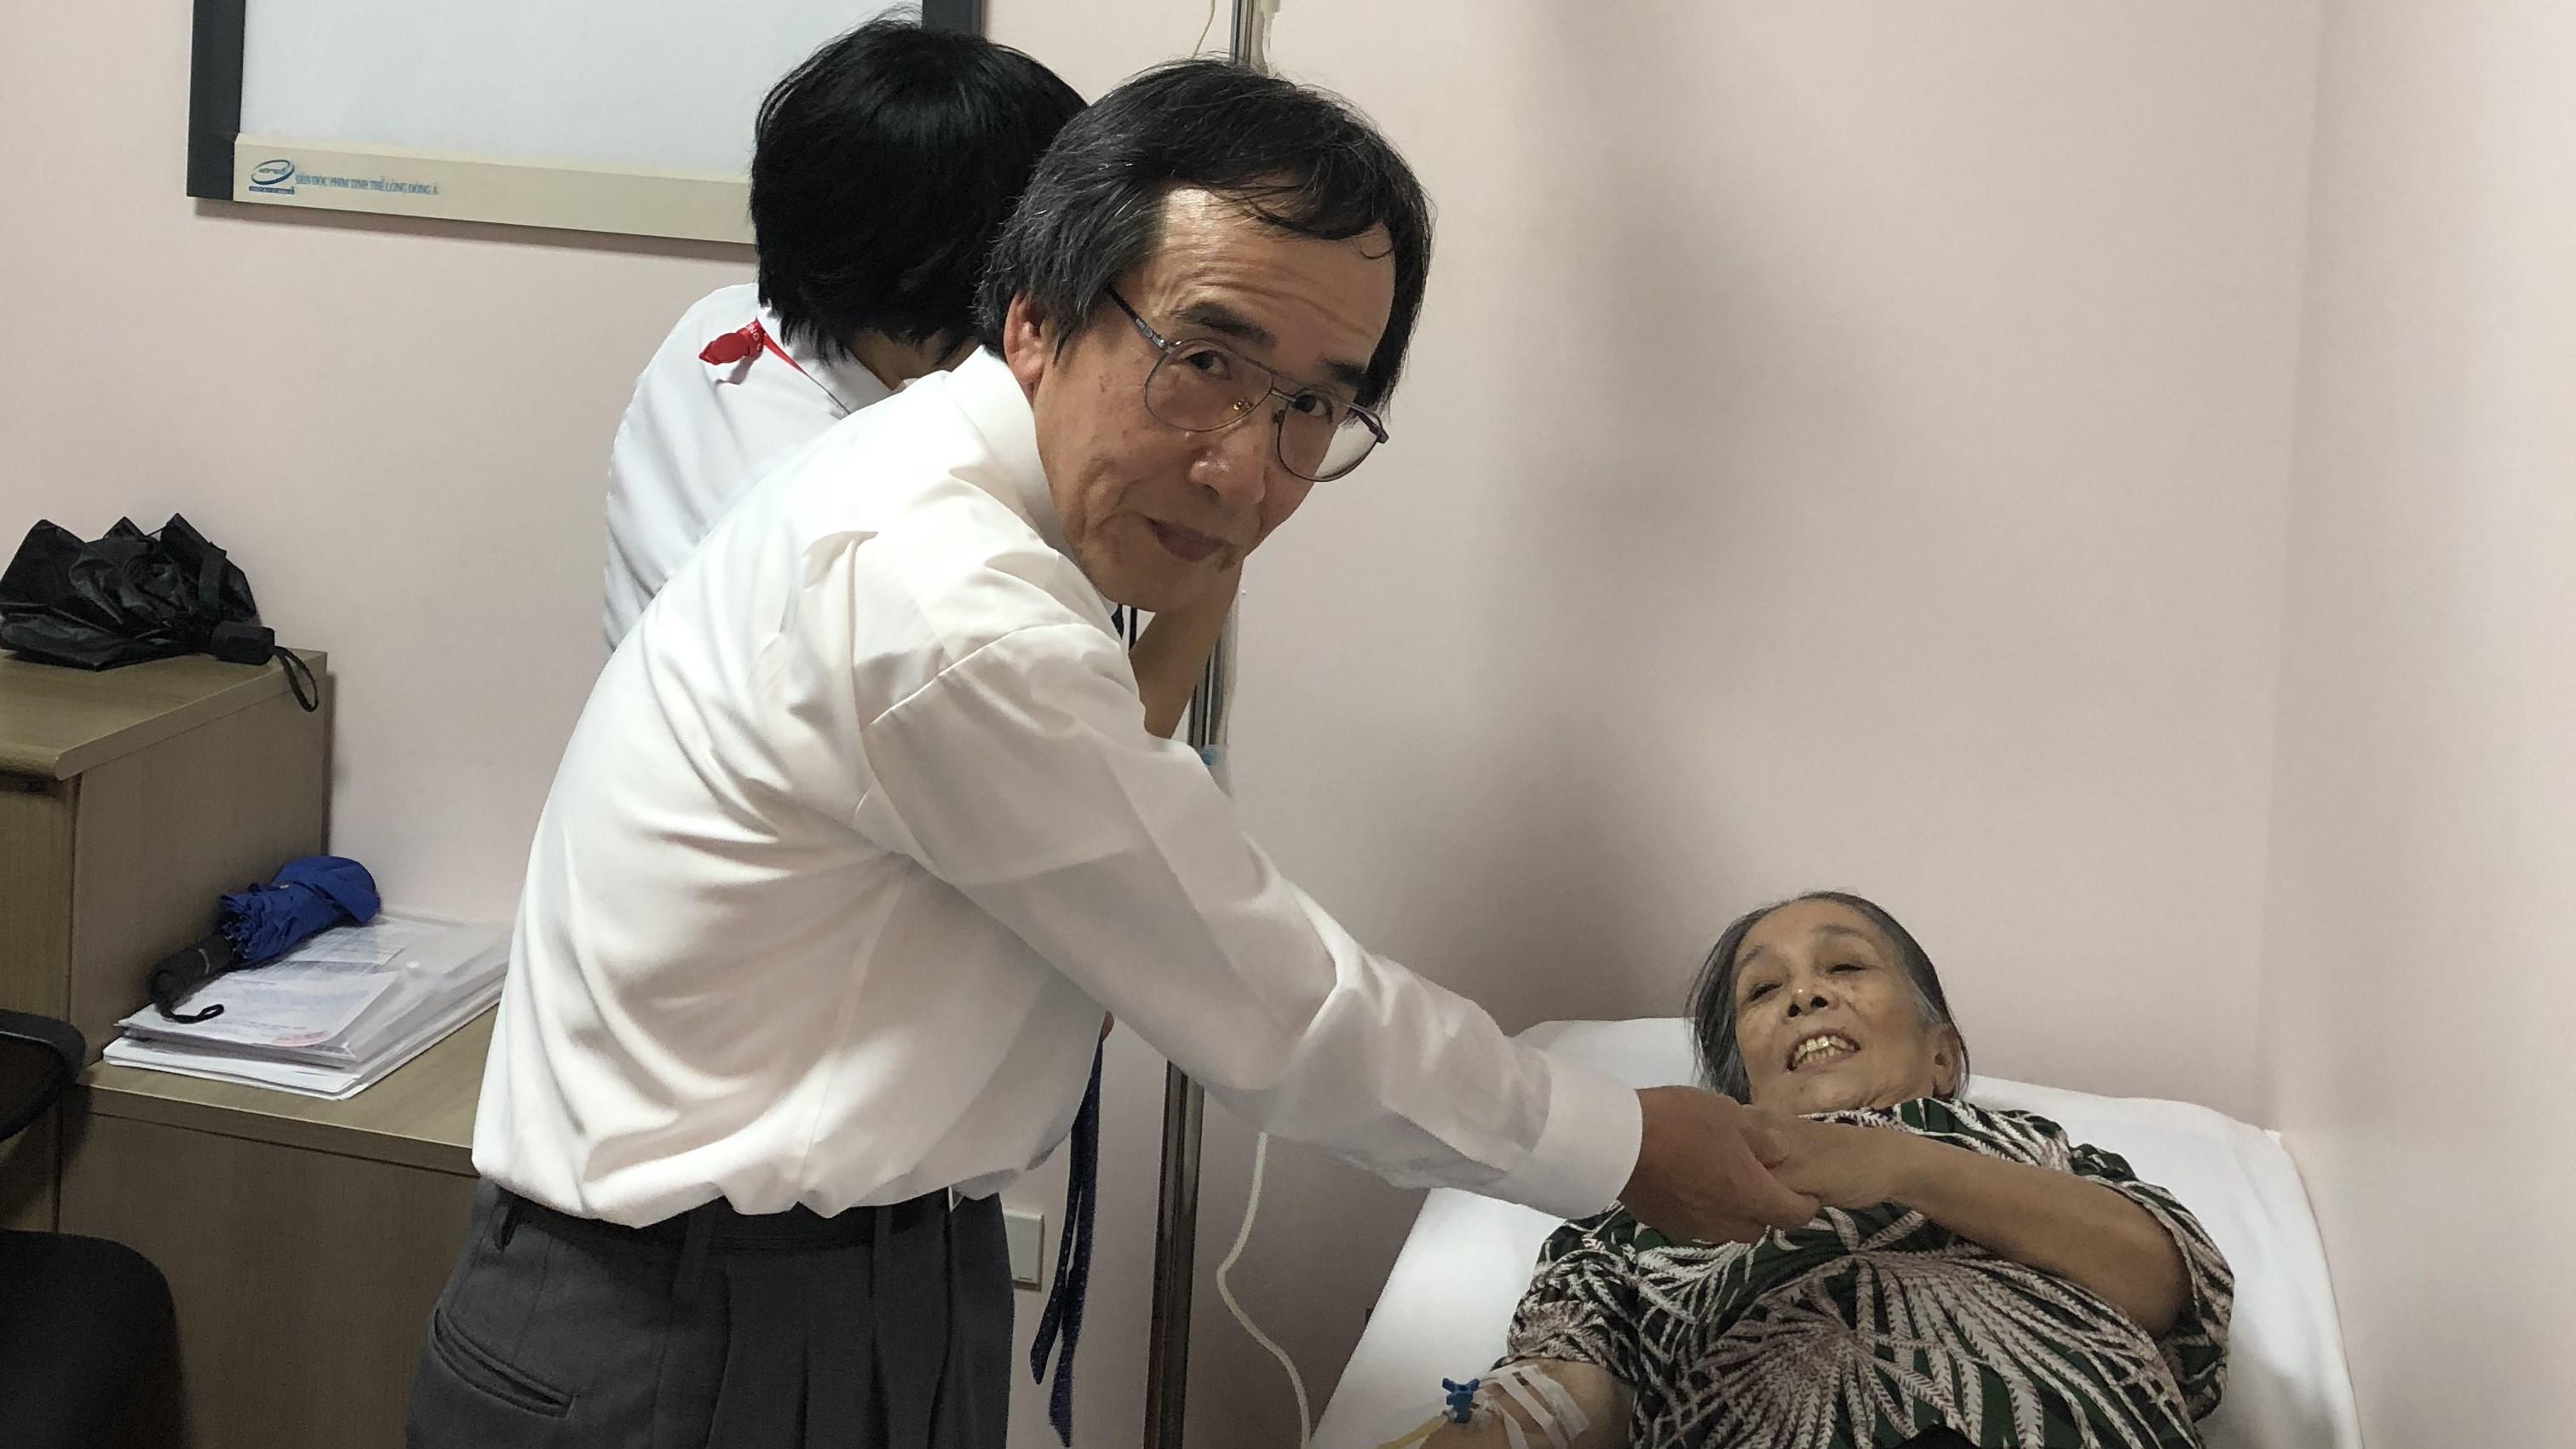 Giáo Sư Nhật Bản giúp đỡ và cộng tác cùng trung tâm